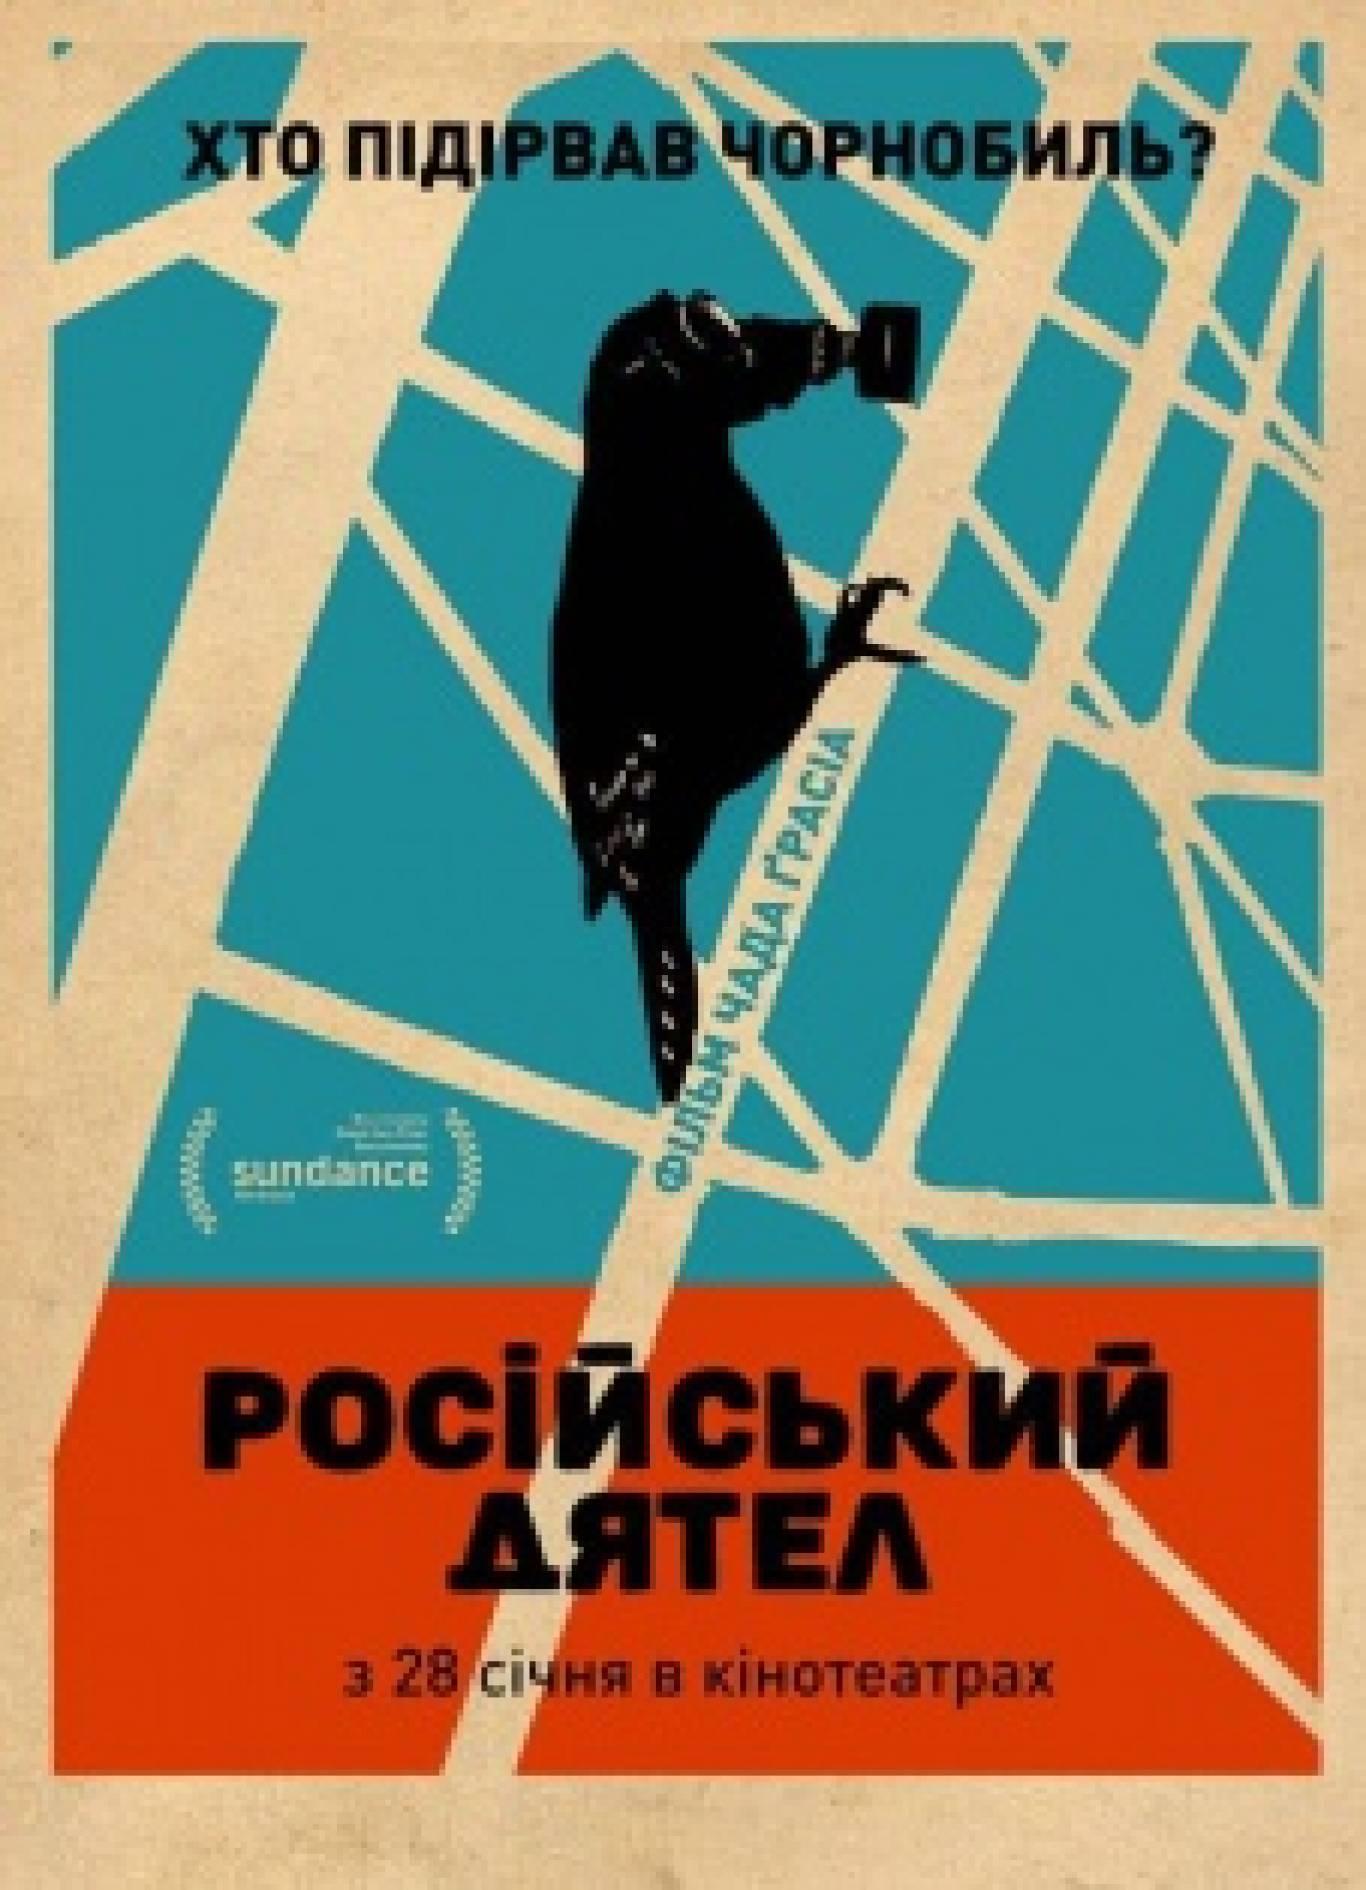 Документальний фільм «Російський дятел»